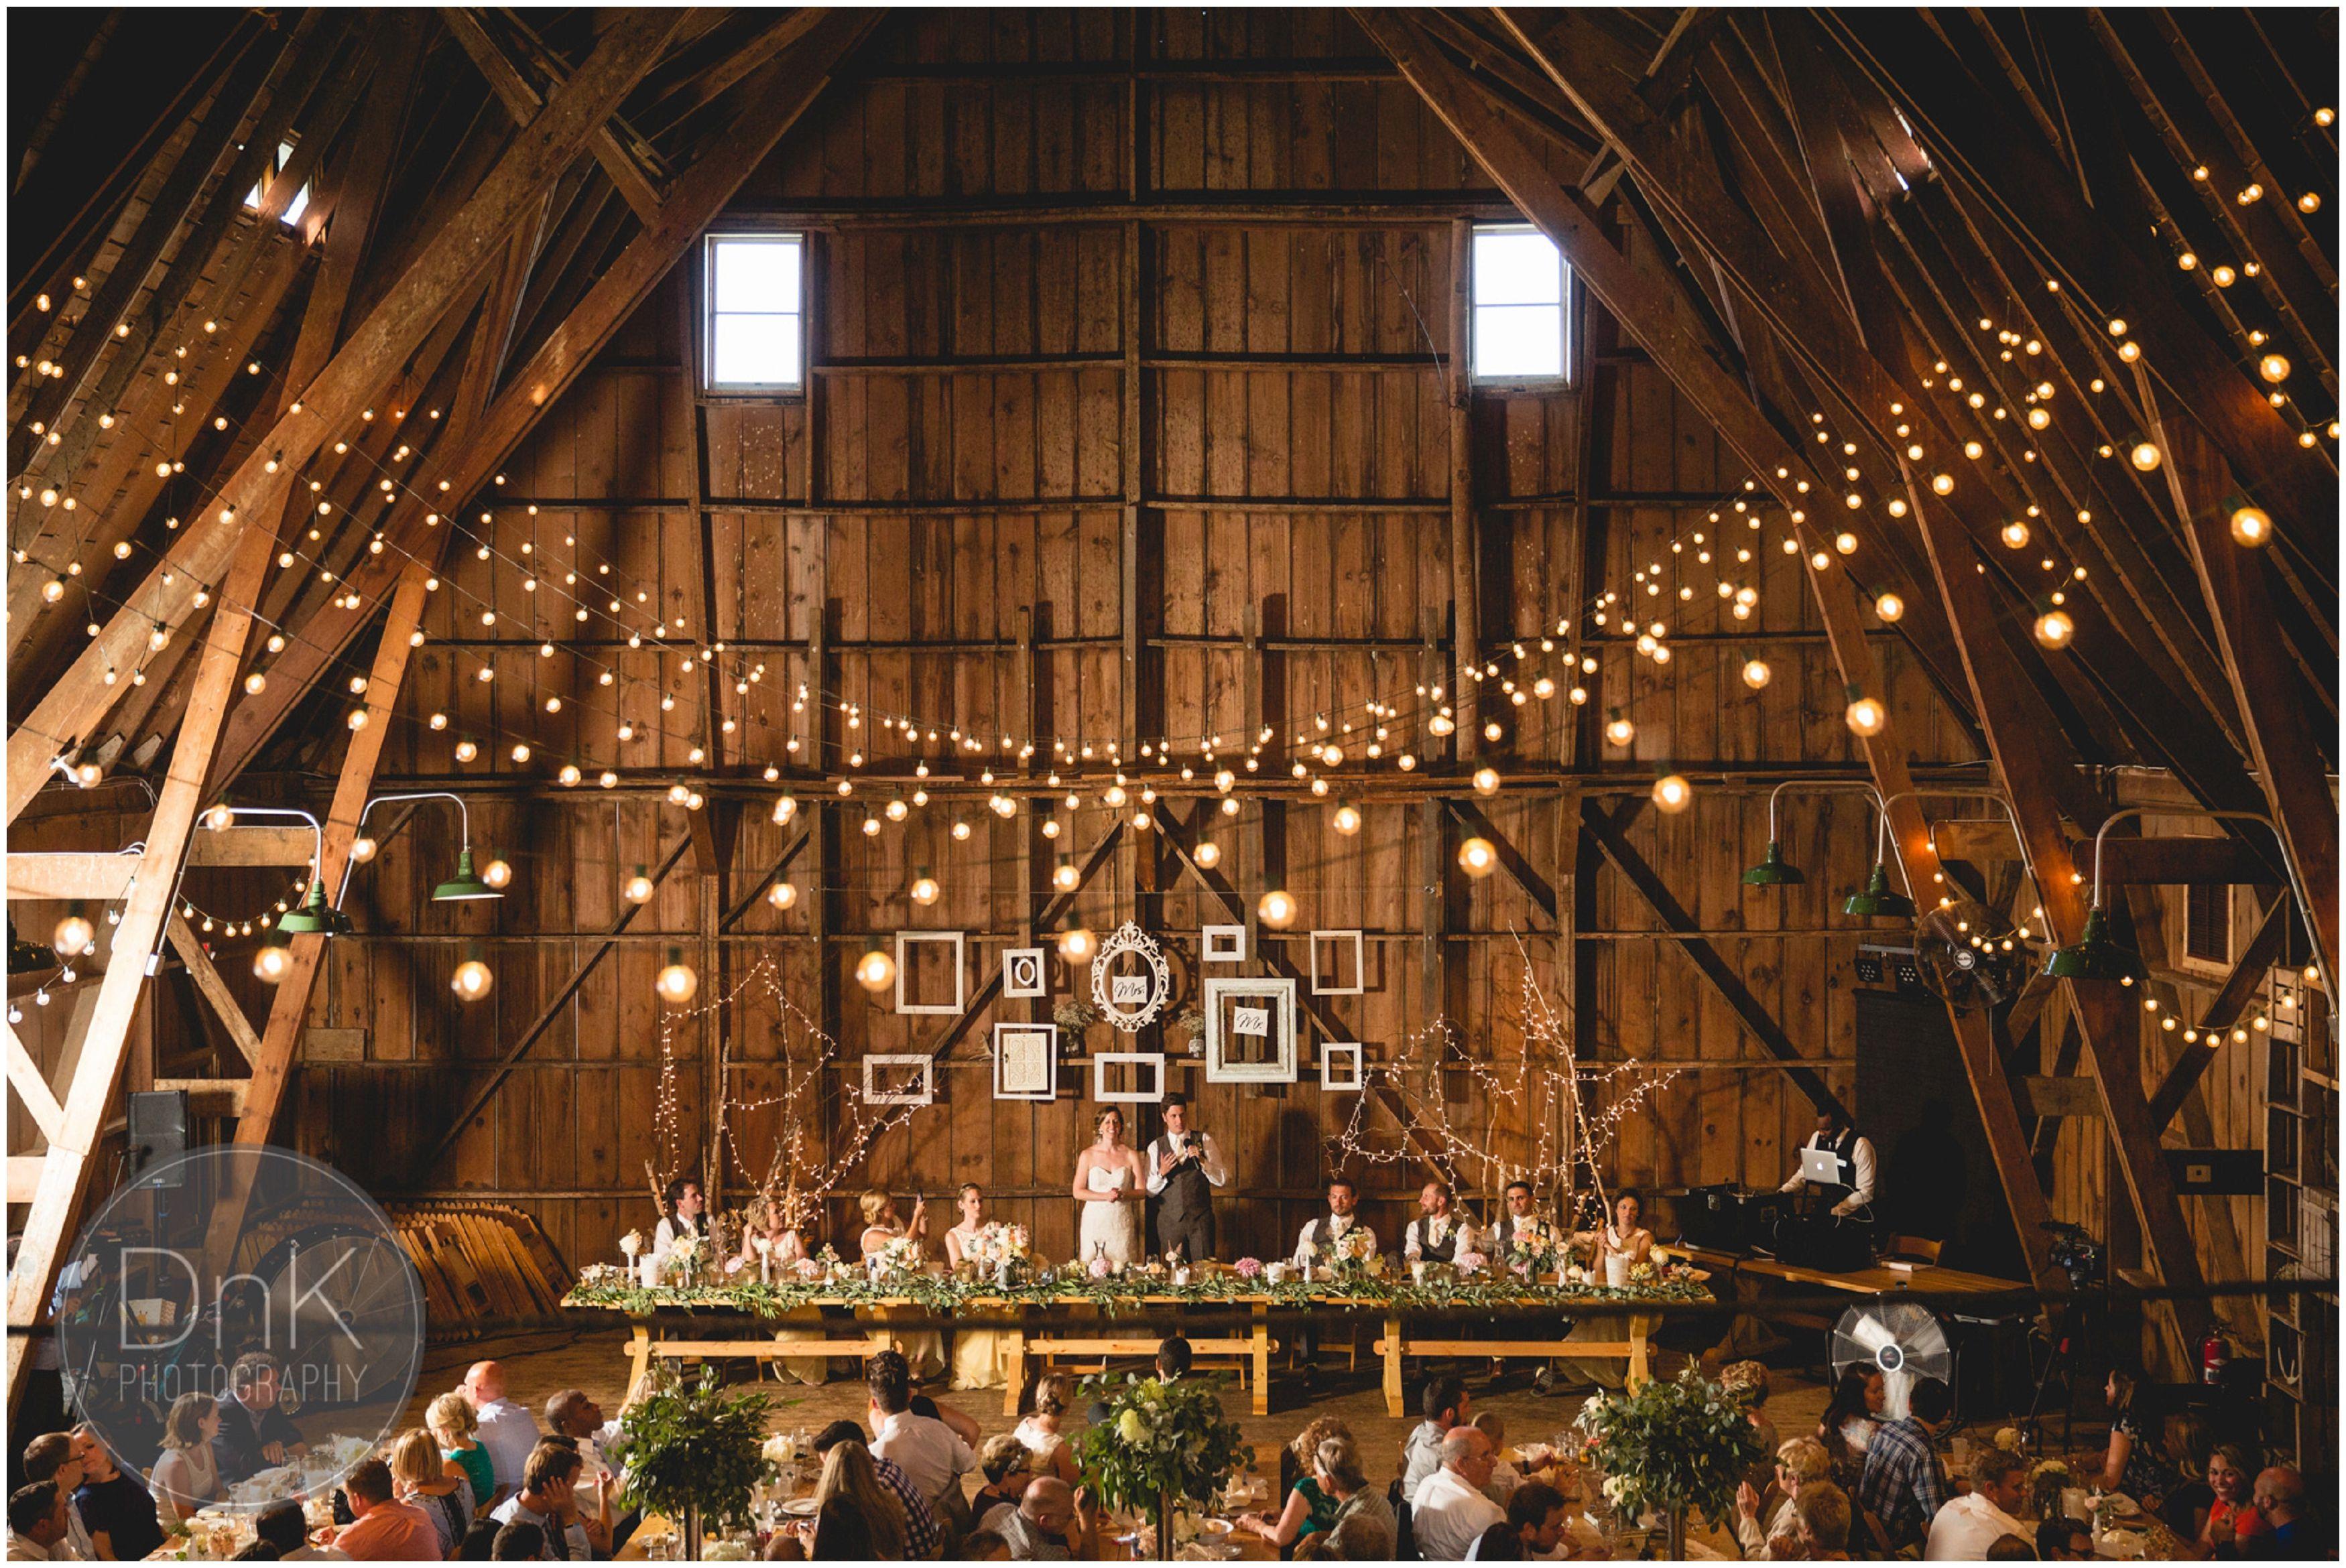 40 Dellwood Barn Wedding Reception Dnk Photography